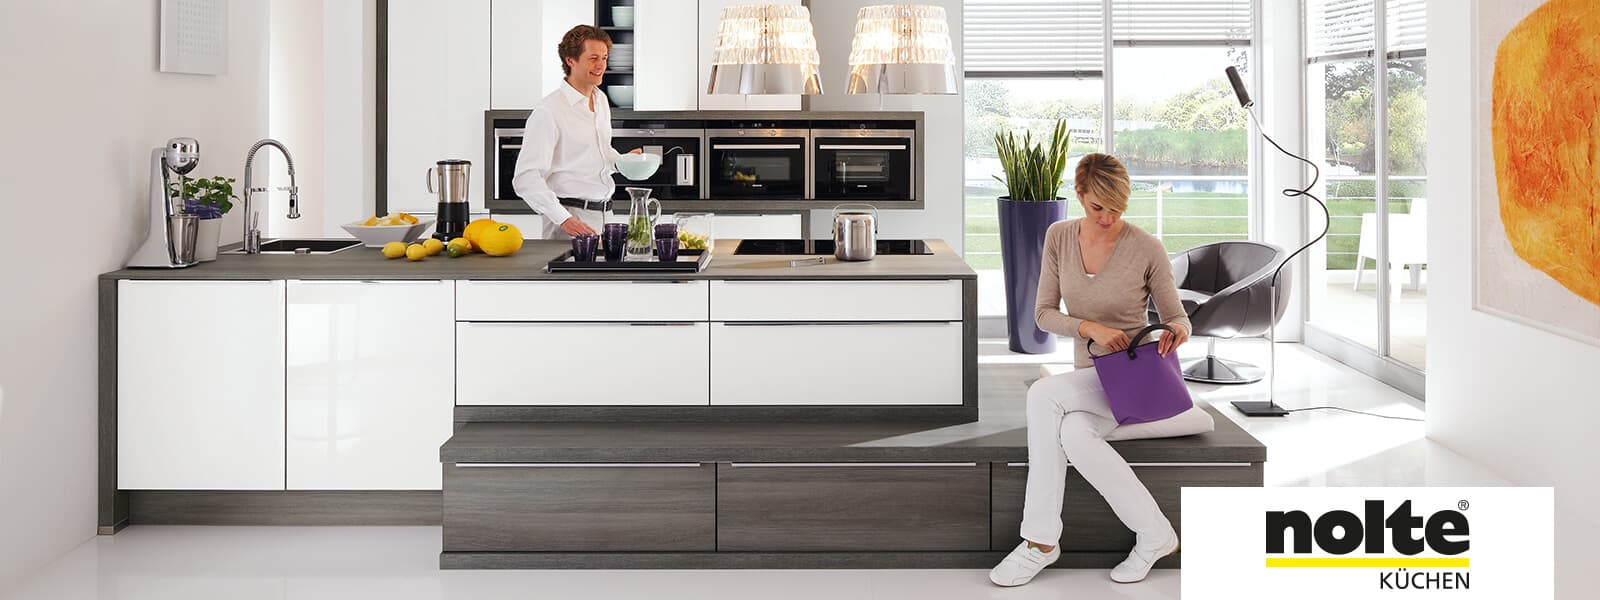 Full Size of Nolte Schlafzimmer Küche Betten Küchen Regal Wohnzimmer Nolte Küchen Glasfront